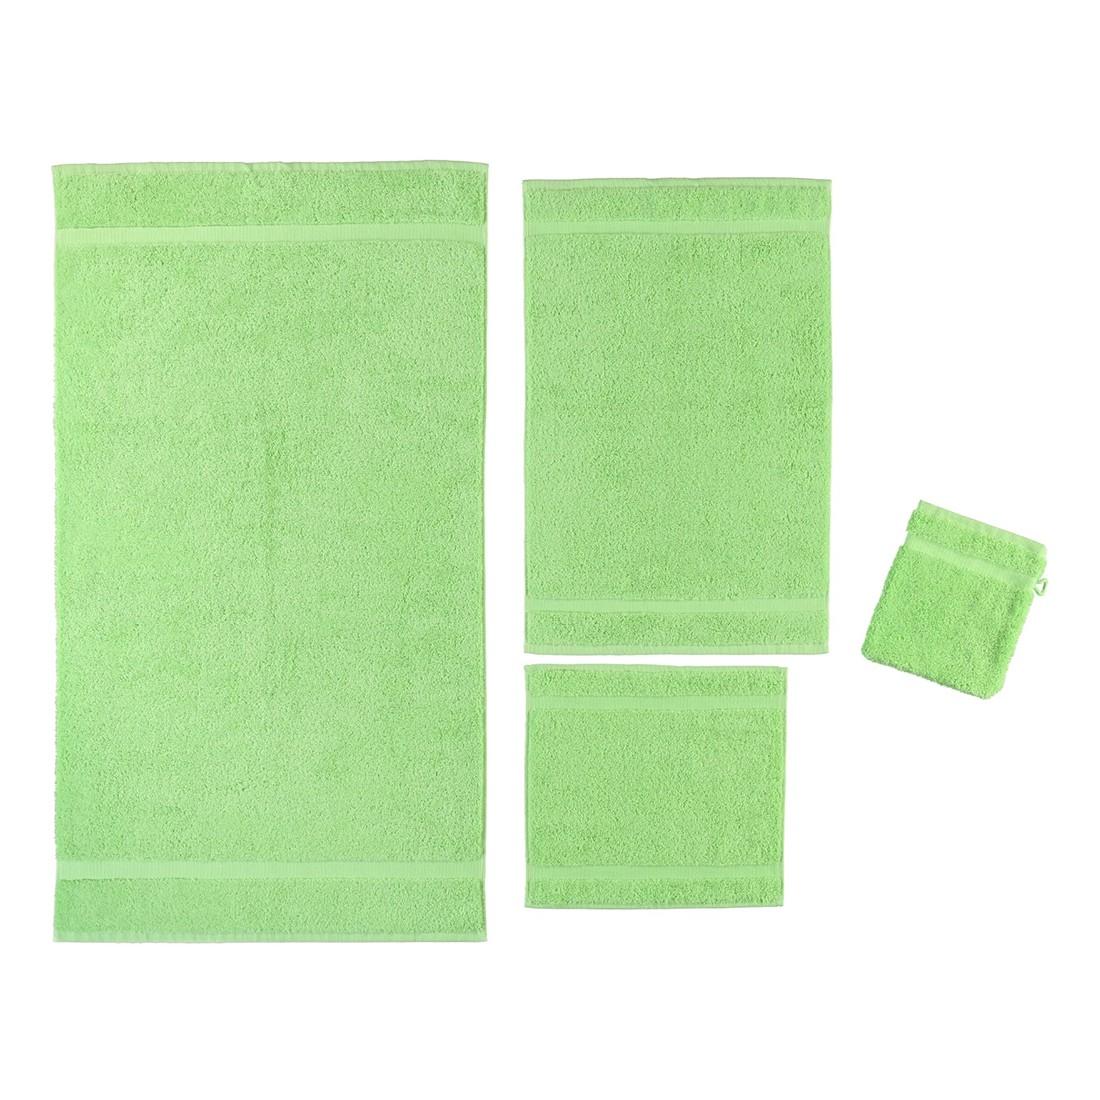 Handtuch Princess – 100% Baumwolle apfel – 59 – Waschhandschuh: 16 x 22 cm, Rhomtuft günstig bestellen